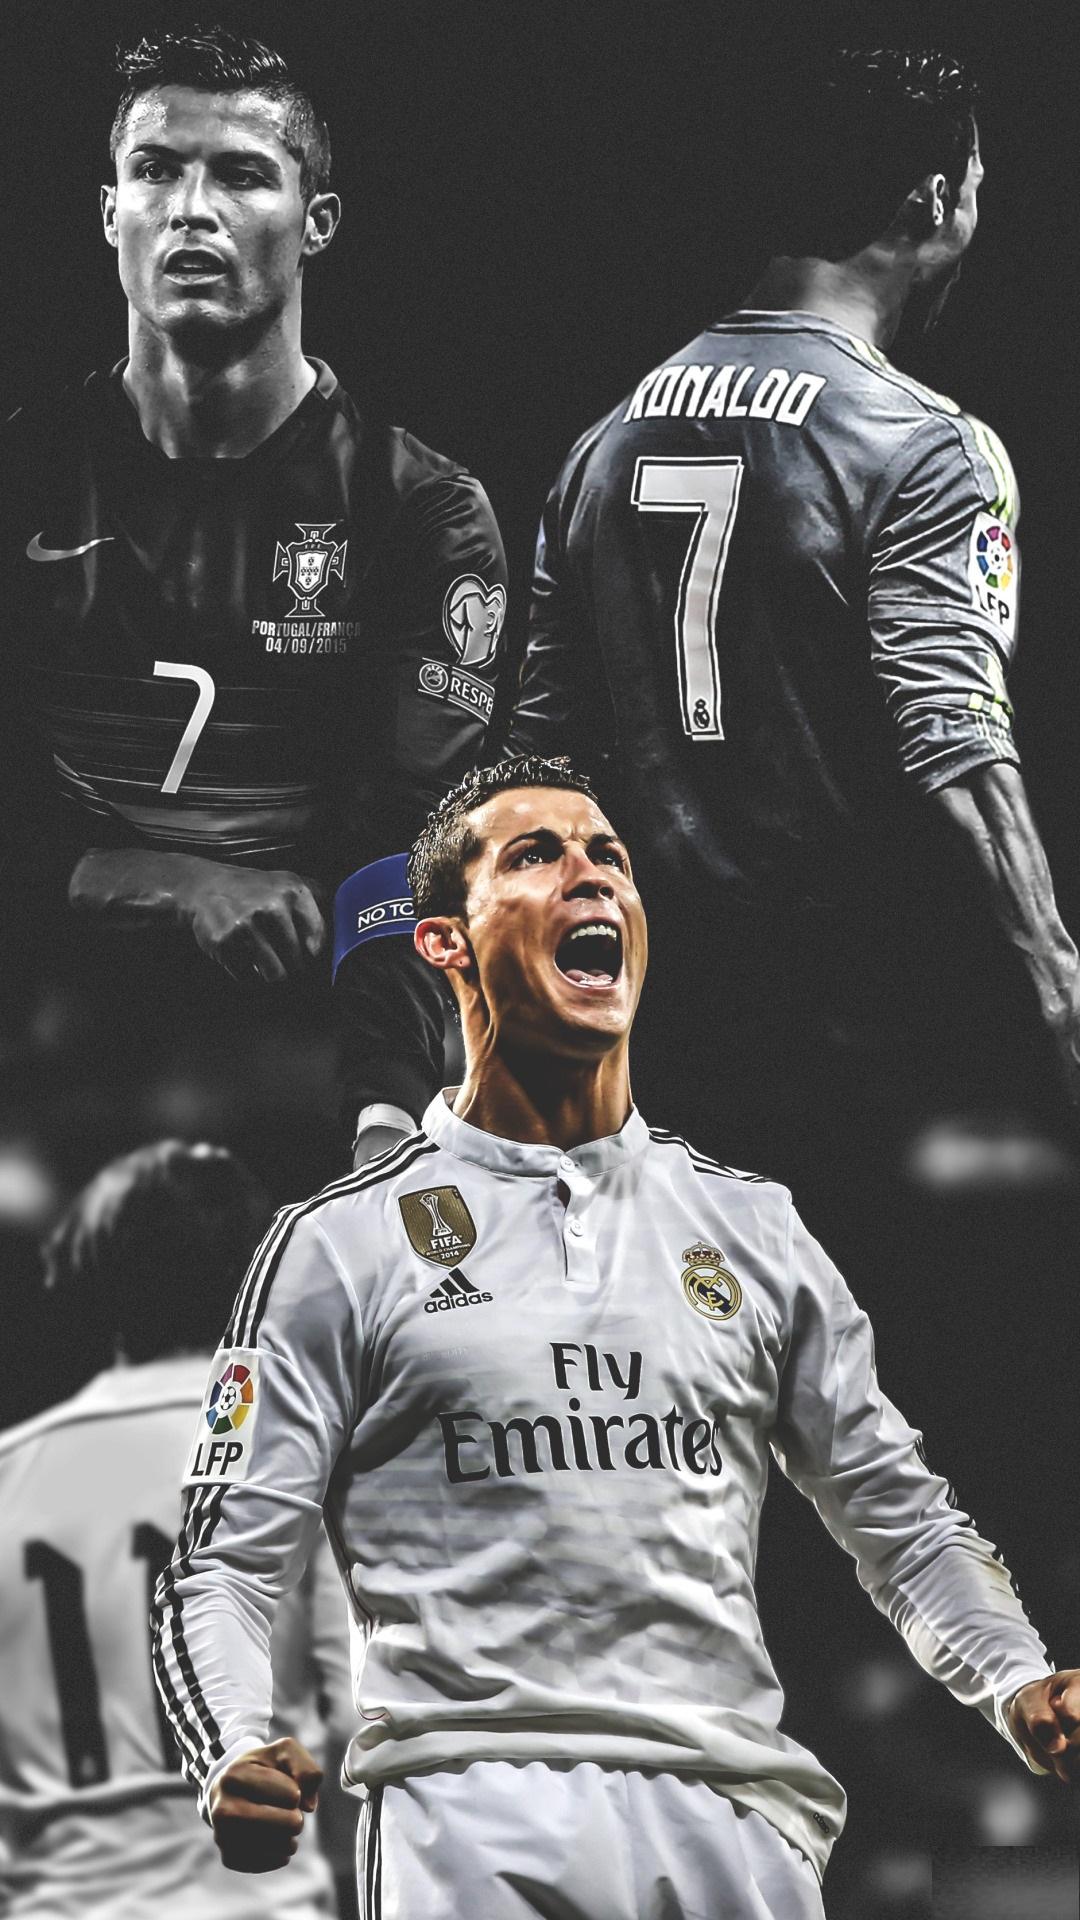 صورة خلفيات ريال مدريد , رمزيات الفريق الاسباني لكرة القدم 3142 5